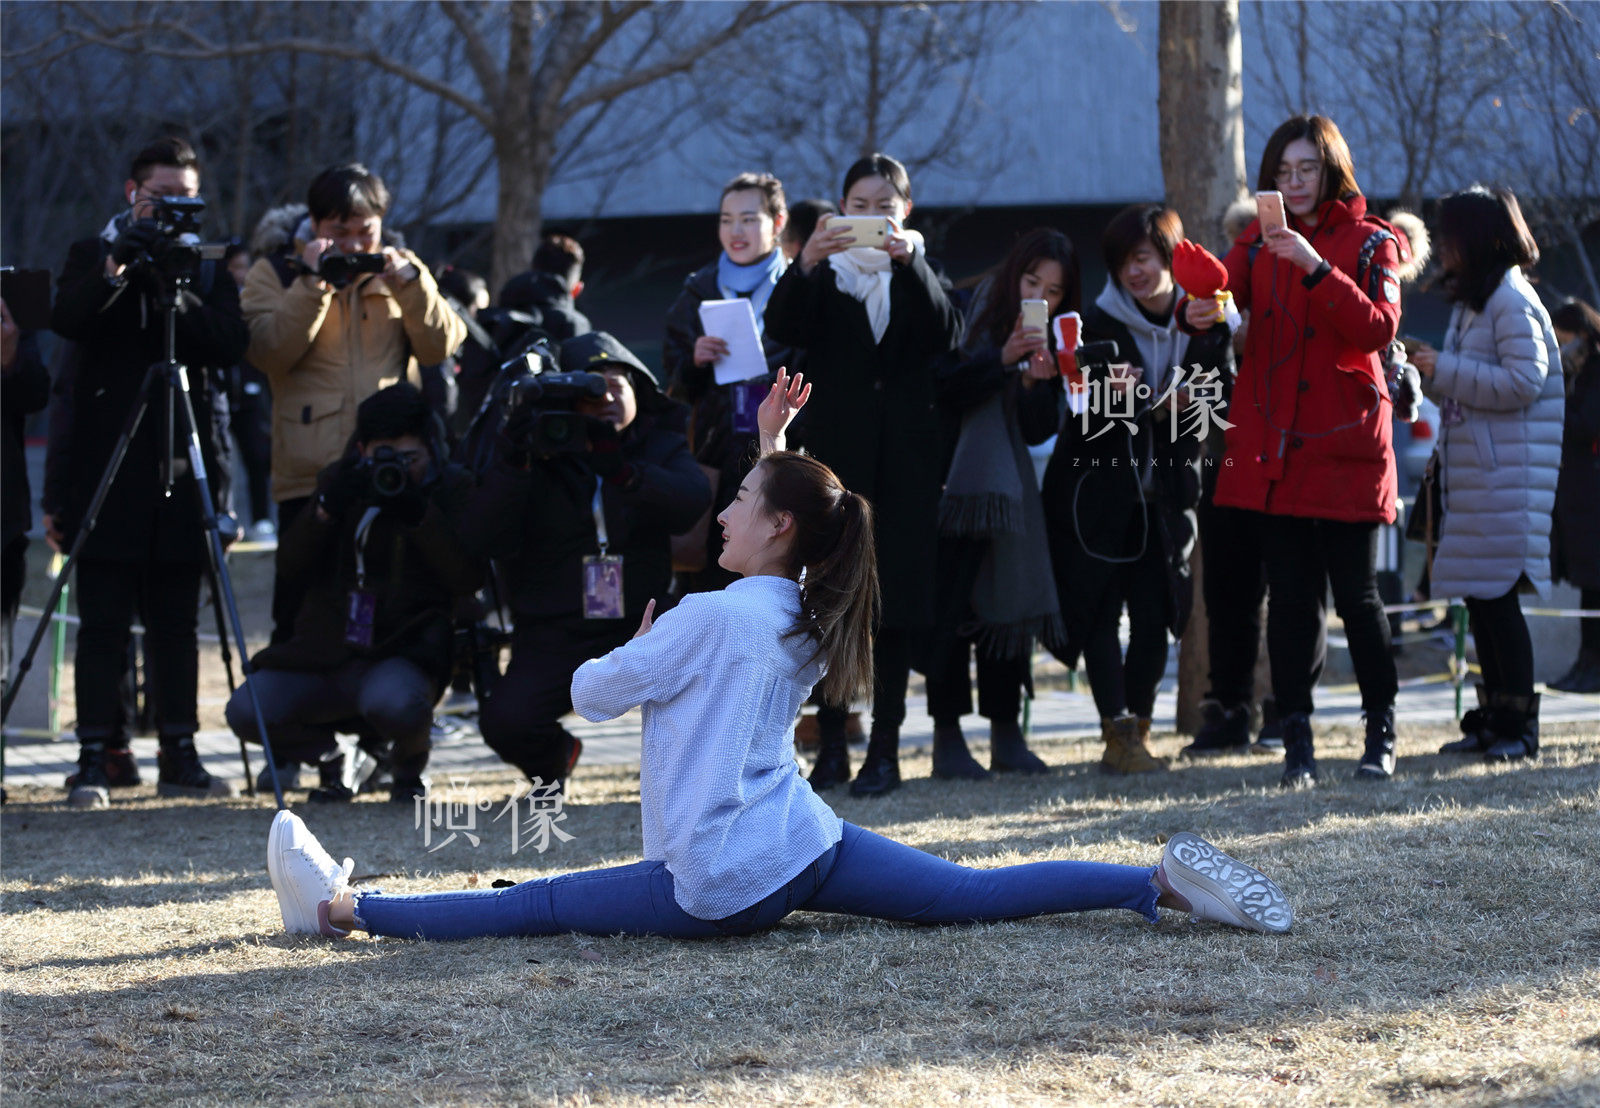 2017年2月8日,北京电影学院2017年度艺考招生考试开始,表演系考生颜值爆棚。中国网记者陈维松 摄